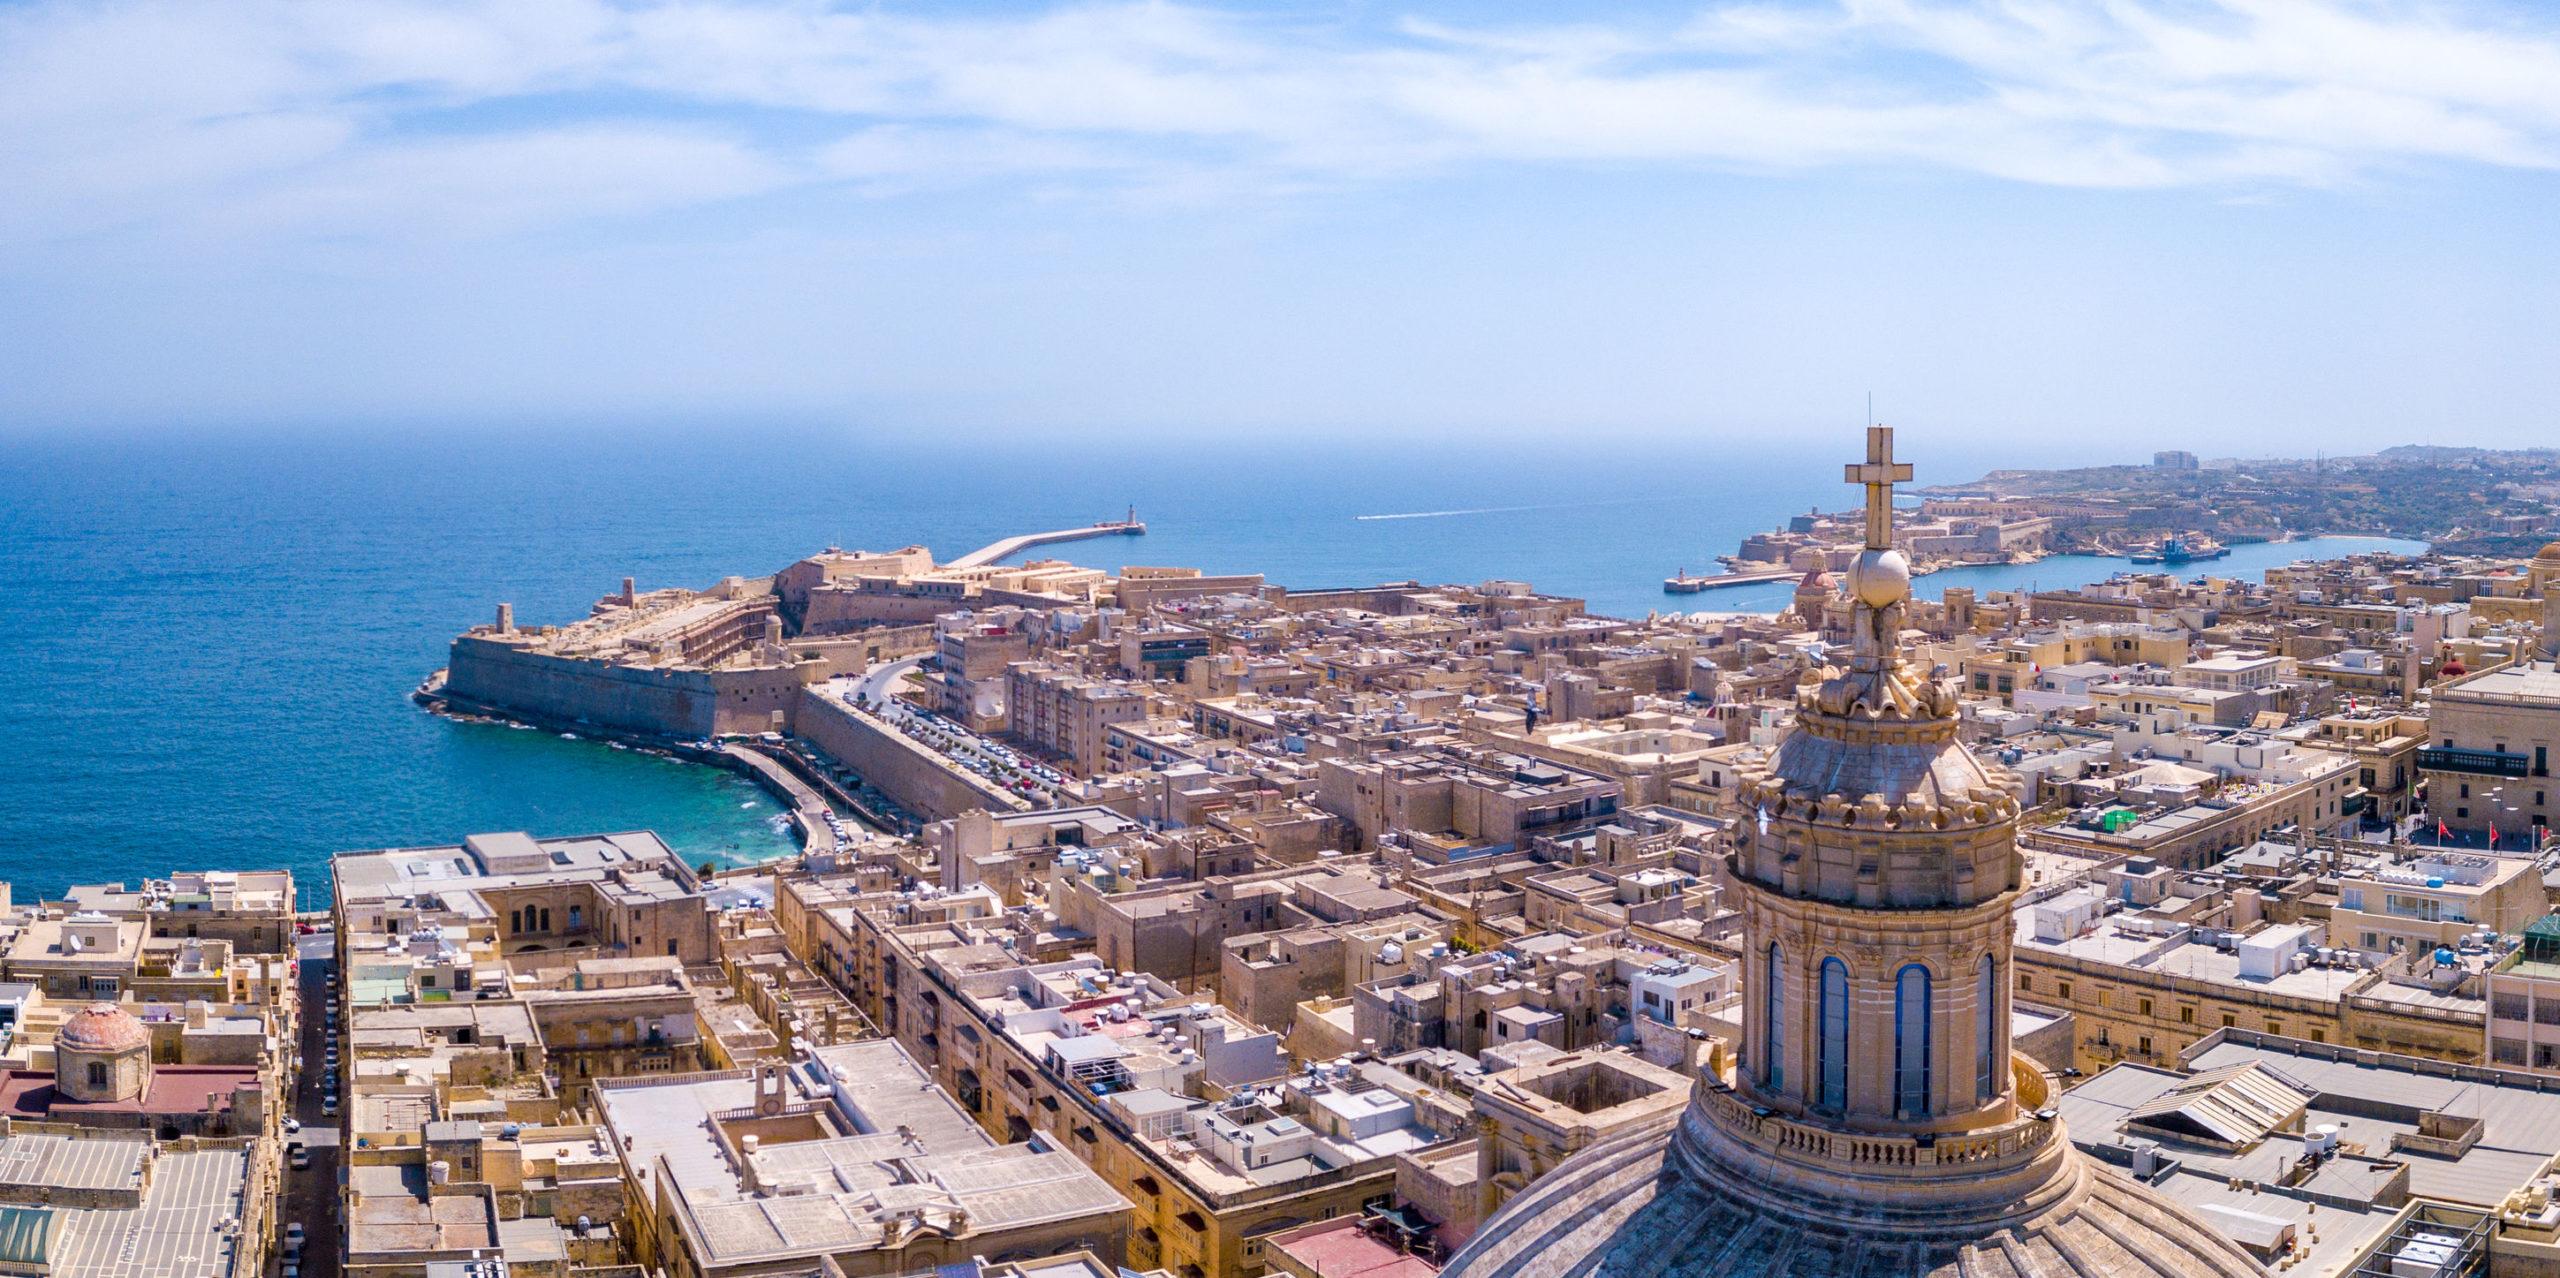 Kathedrale von Valetta auf Malta mit Blick auf das Meer